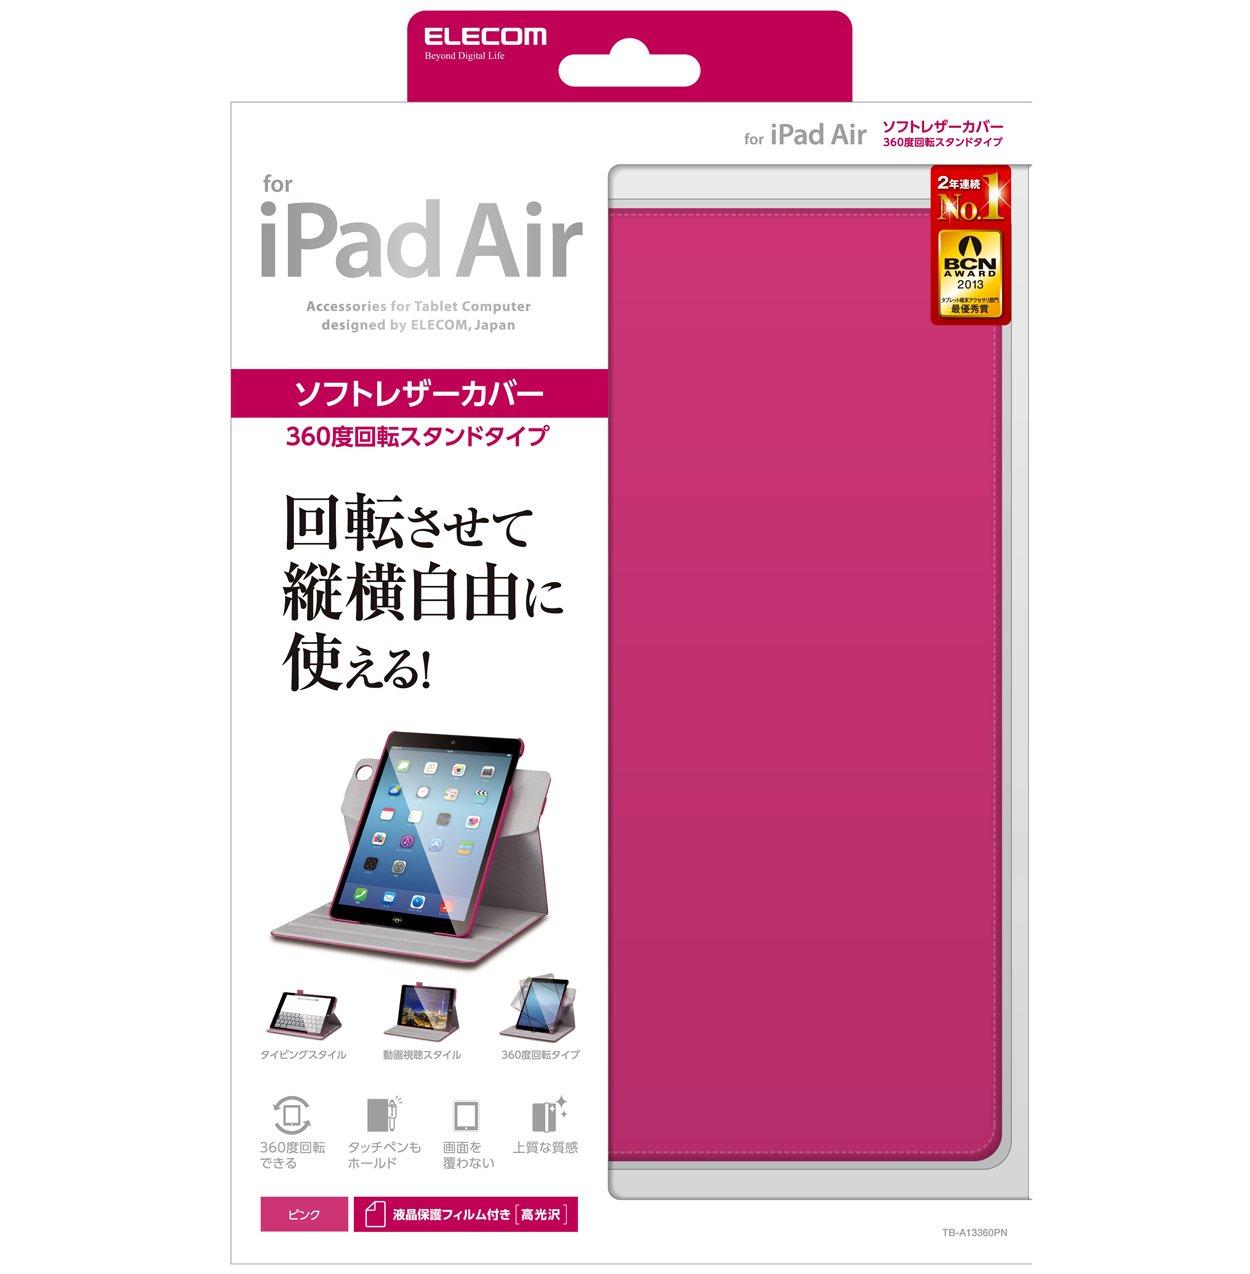 【一部予約販売】 【2013年モデル】ELECOM iPad B00G4QR7H8 Air TB-A13360PN 360度スイベルケース ピンク TB-A13360PN Air B00G4QR7H8, 55%以上節約:4e6aeed0 --- a0267596.xsph.ru